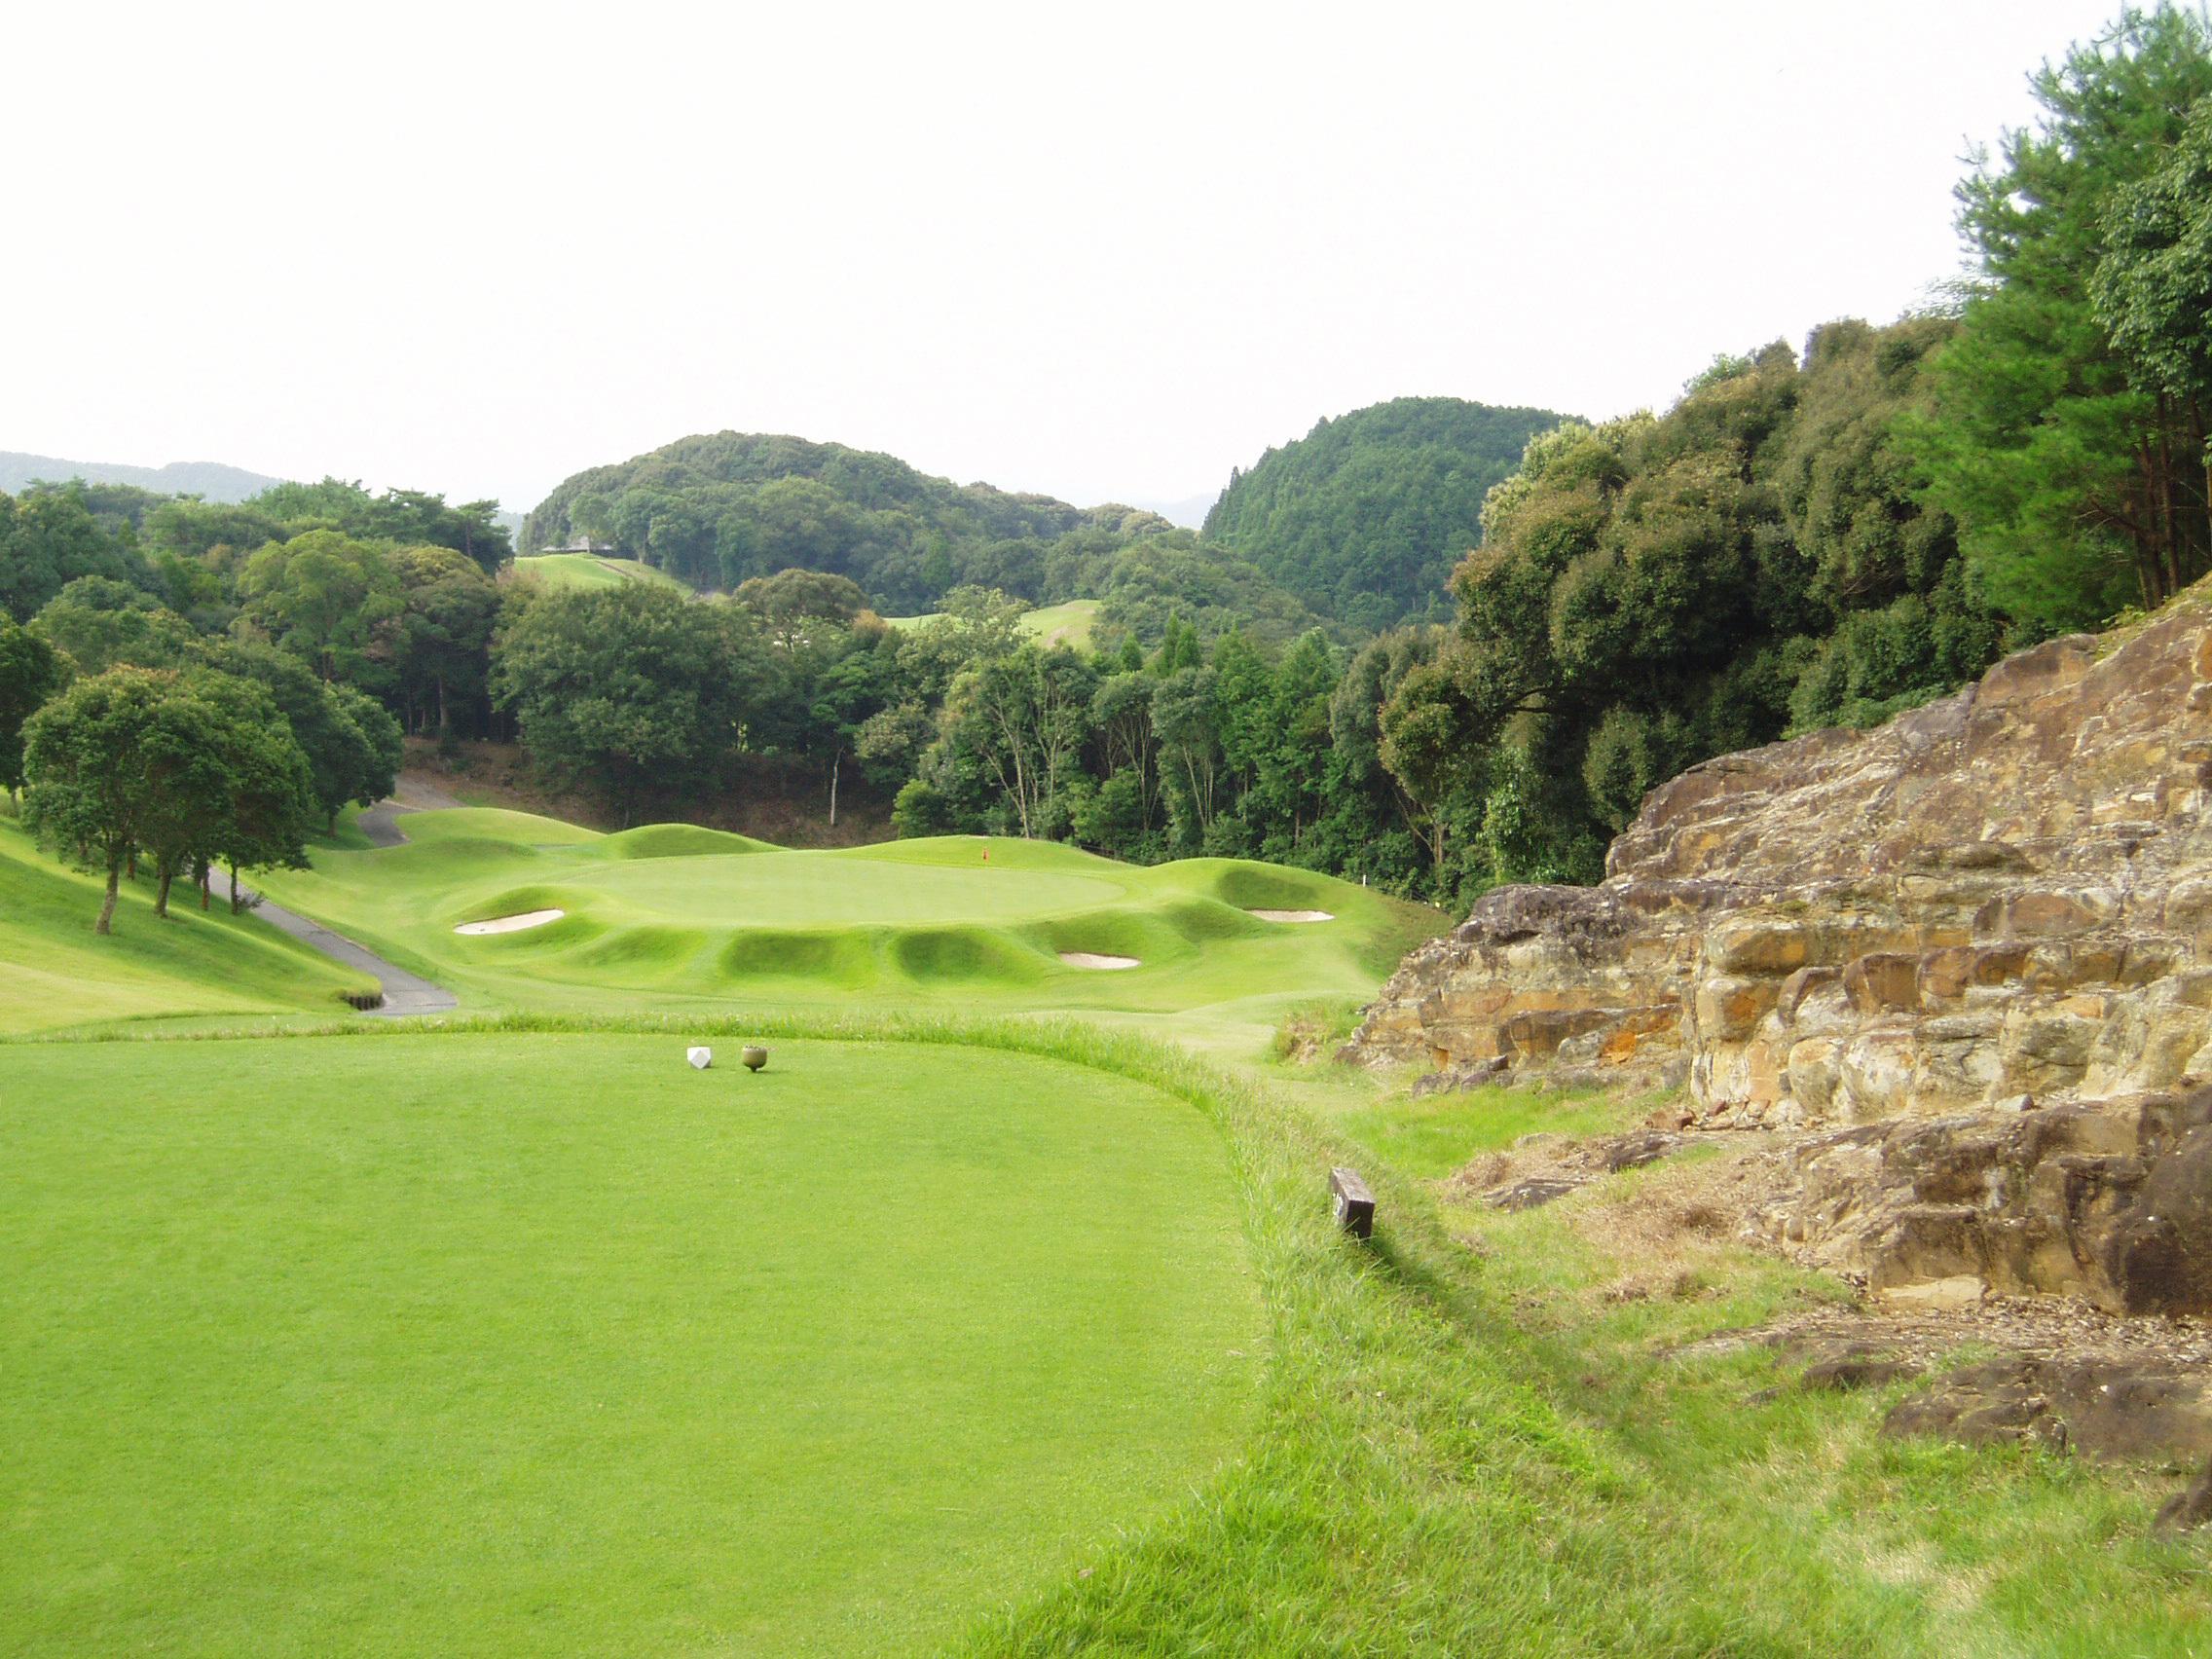 ゴルフ 倶楽部 若木 若木ゴルフ倶楽部(佐賀県)のゴルフ場コースガイド